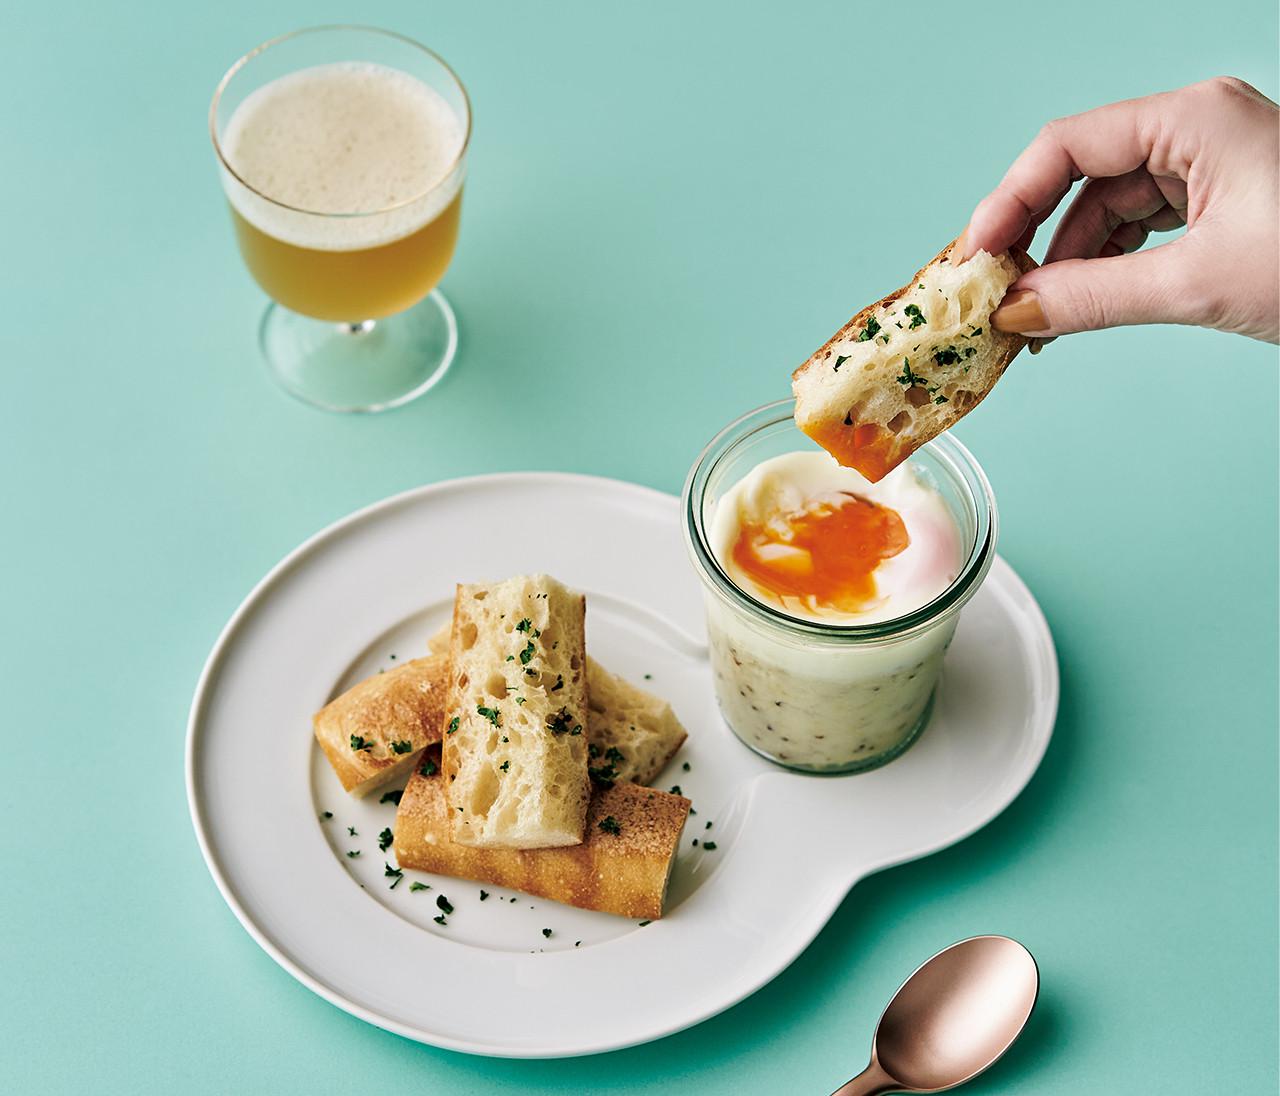 【ツレヅレハナコの卵レシピ1】いつだって冷蔵庫にいてくれる、卵。マンネリを解消して愛を長続きさせるには?